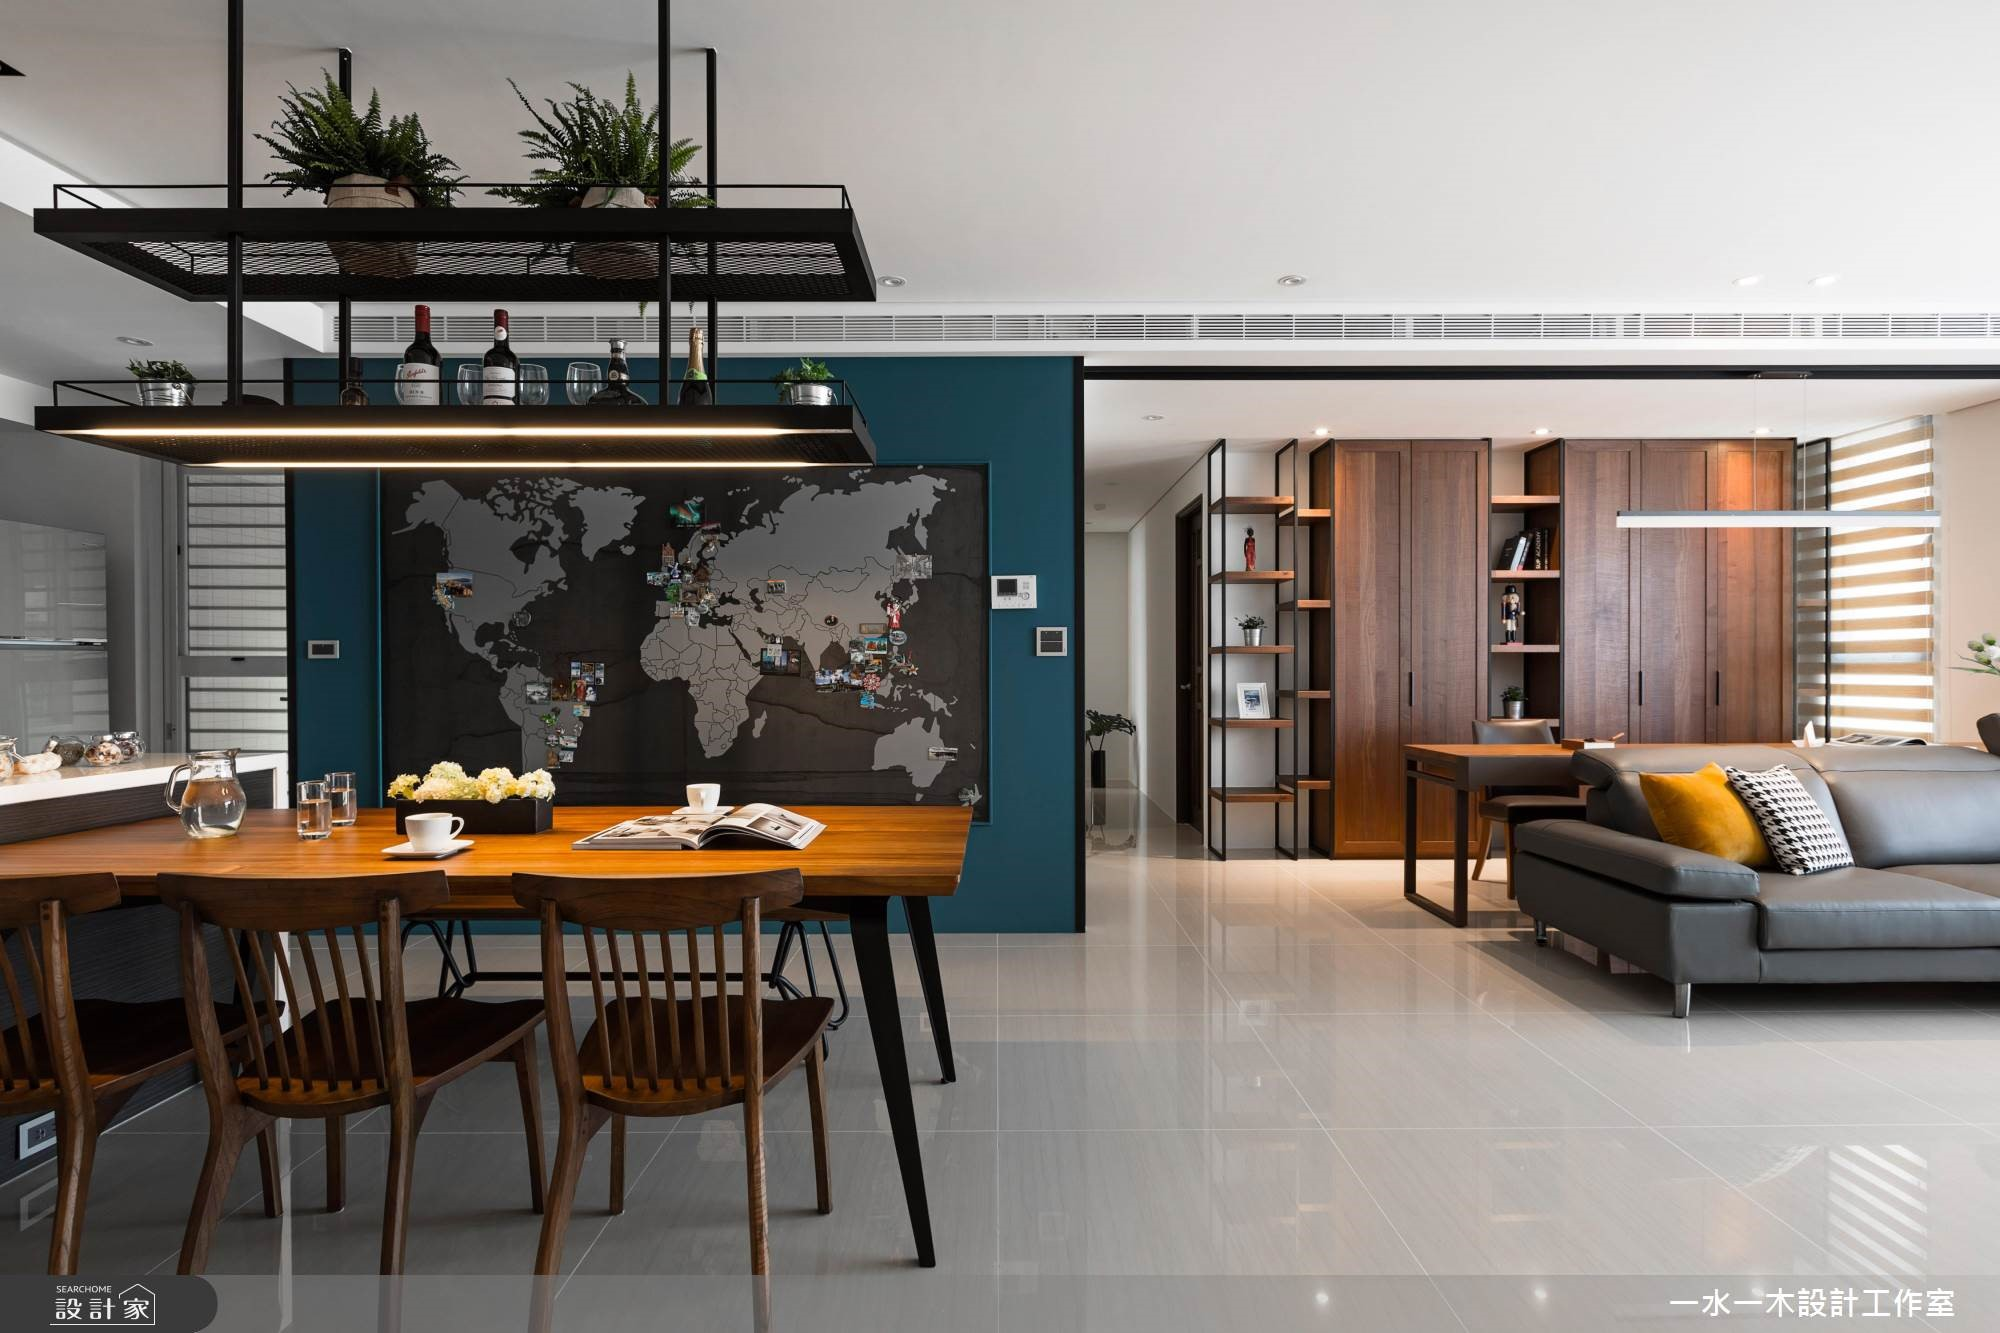 中岛厨房和风格收纳,造自然宅的纯净魅力